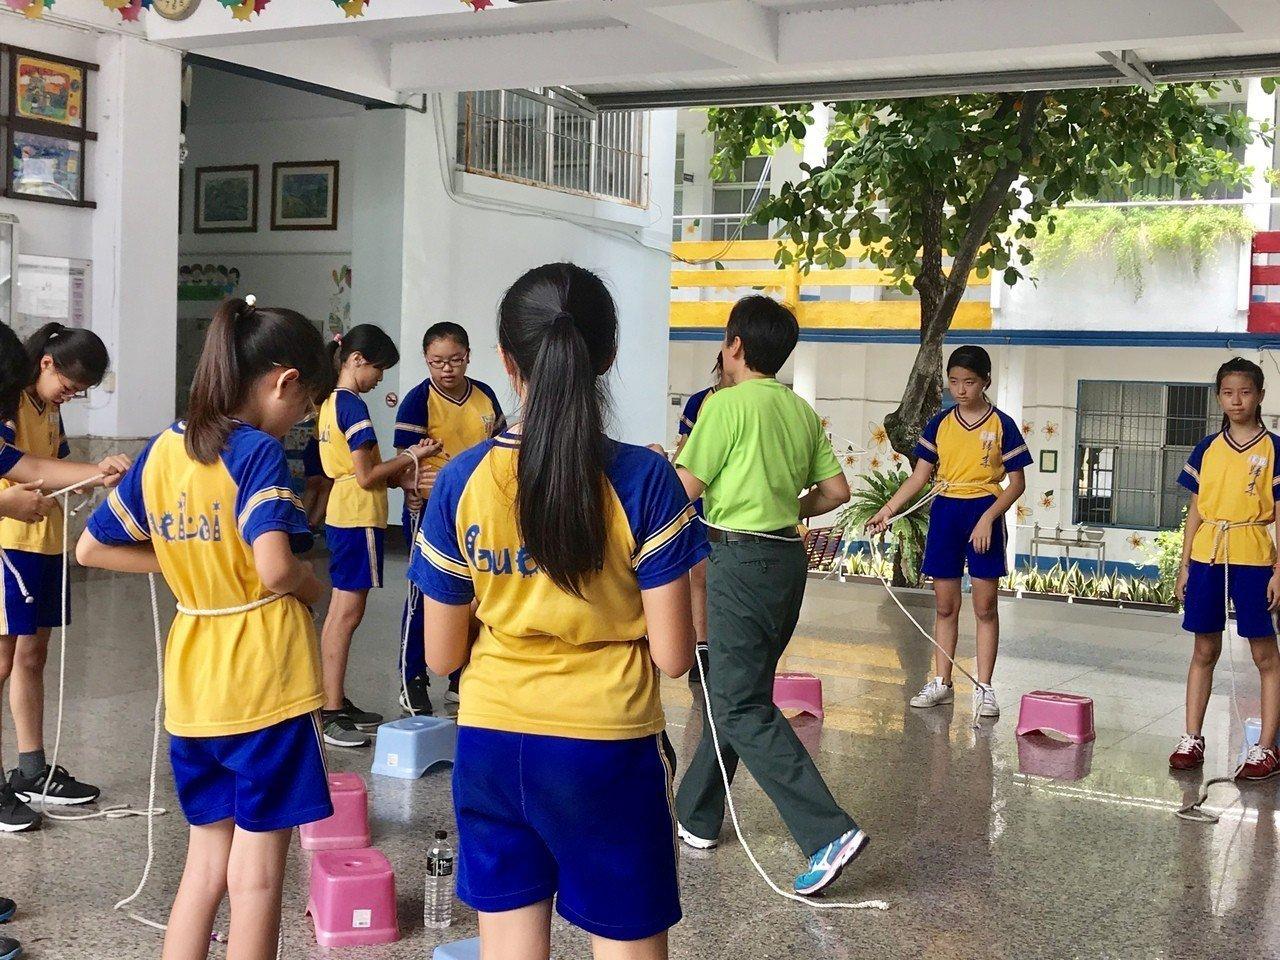 屏東市歸來社區發展協會,規劃為期3周的「歸來五大日學習營隊活動」,讓家長能安心在...